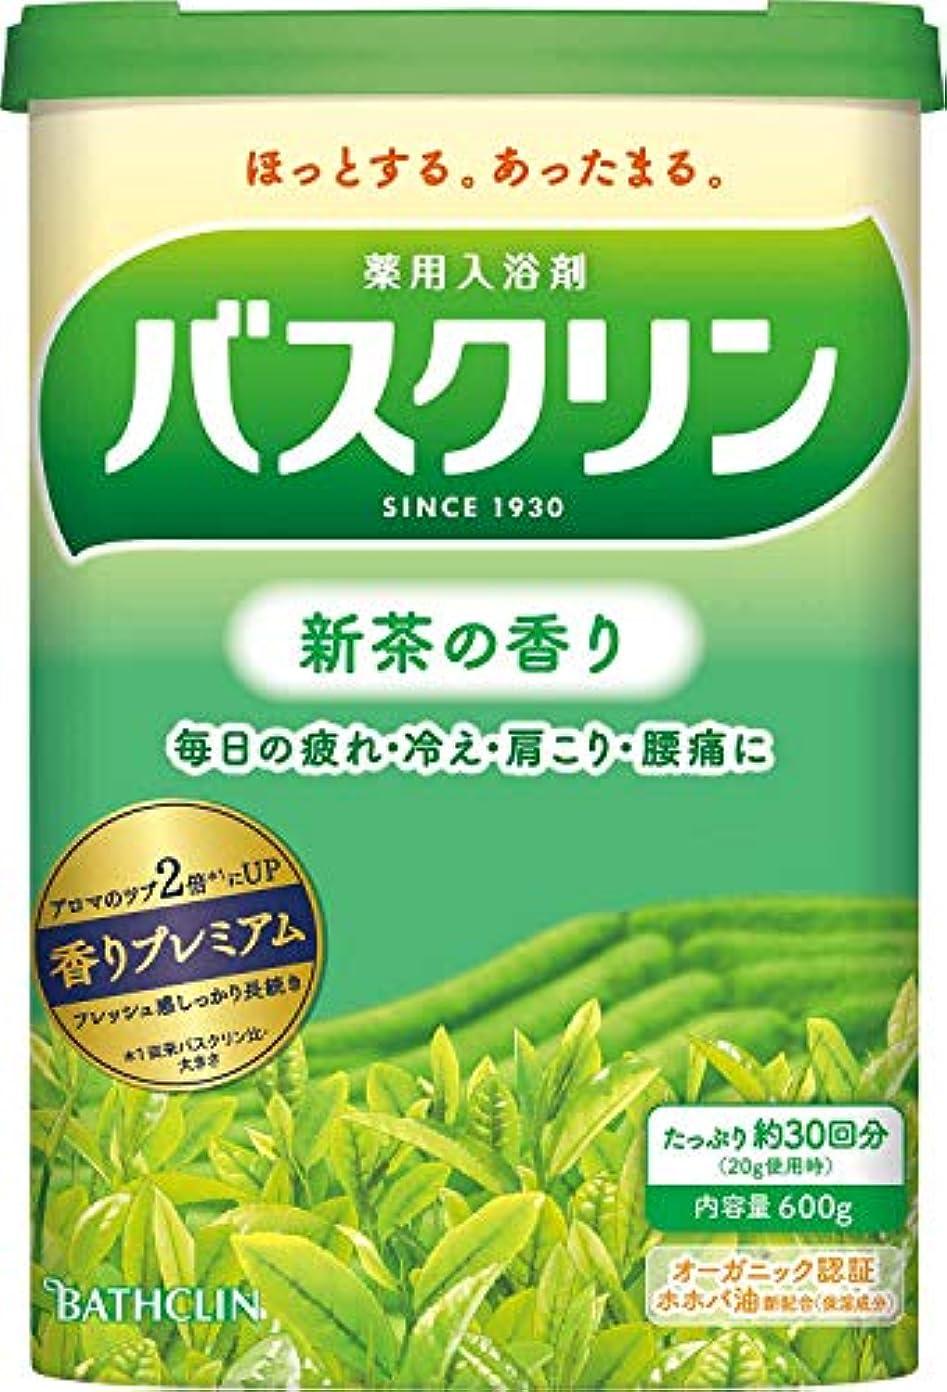 添付放出剛性【医薬部外品】バスクリン入浴剤 新茶の香り600g(約30回分) 疲労回復